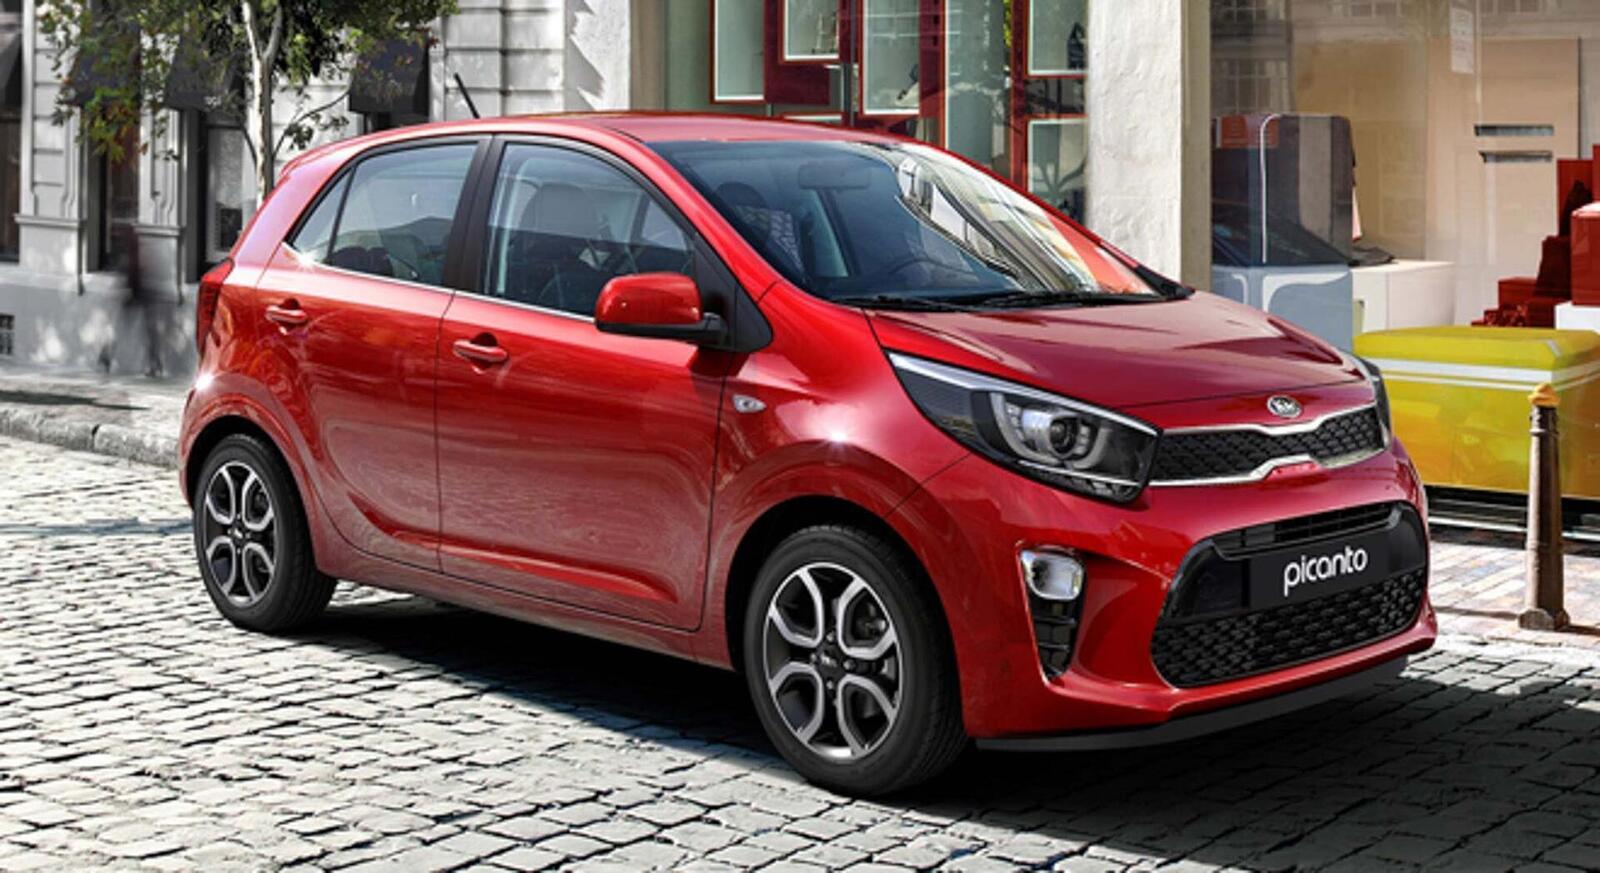 Red Dot Awards 2018: Danh sách các mẫu xe có thiết kế tốt nhất trên thị trường - Hình 6